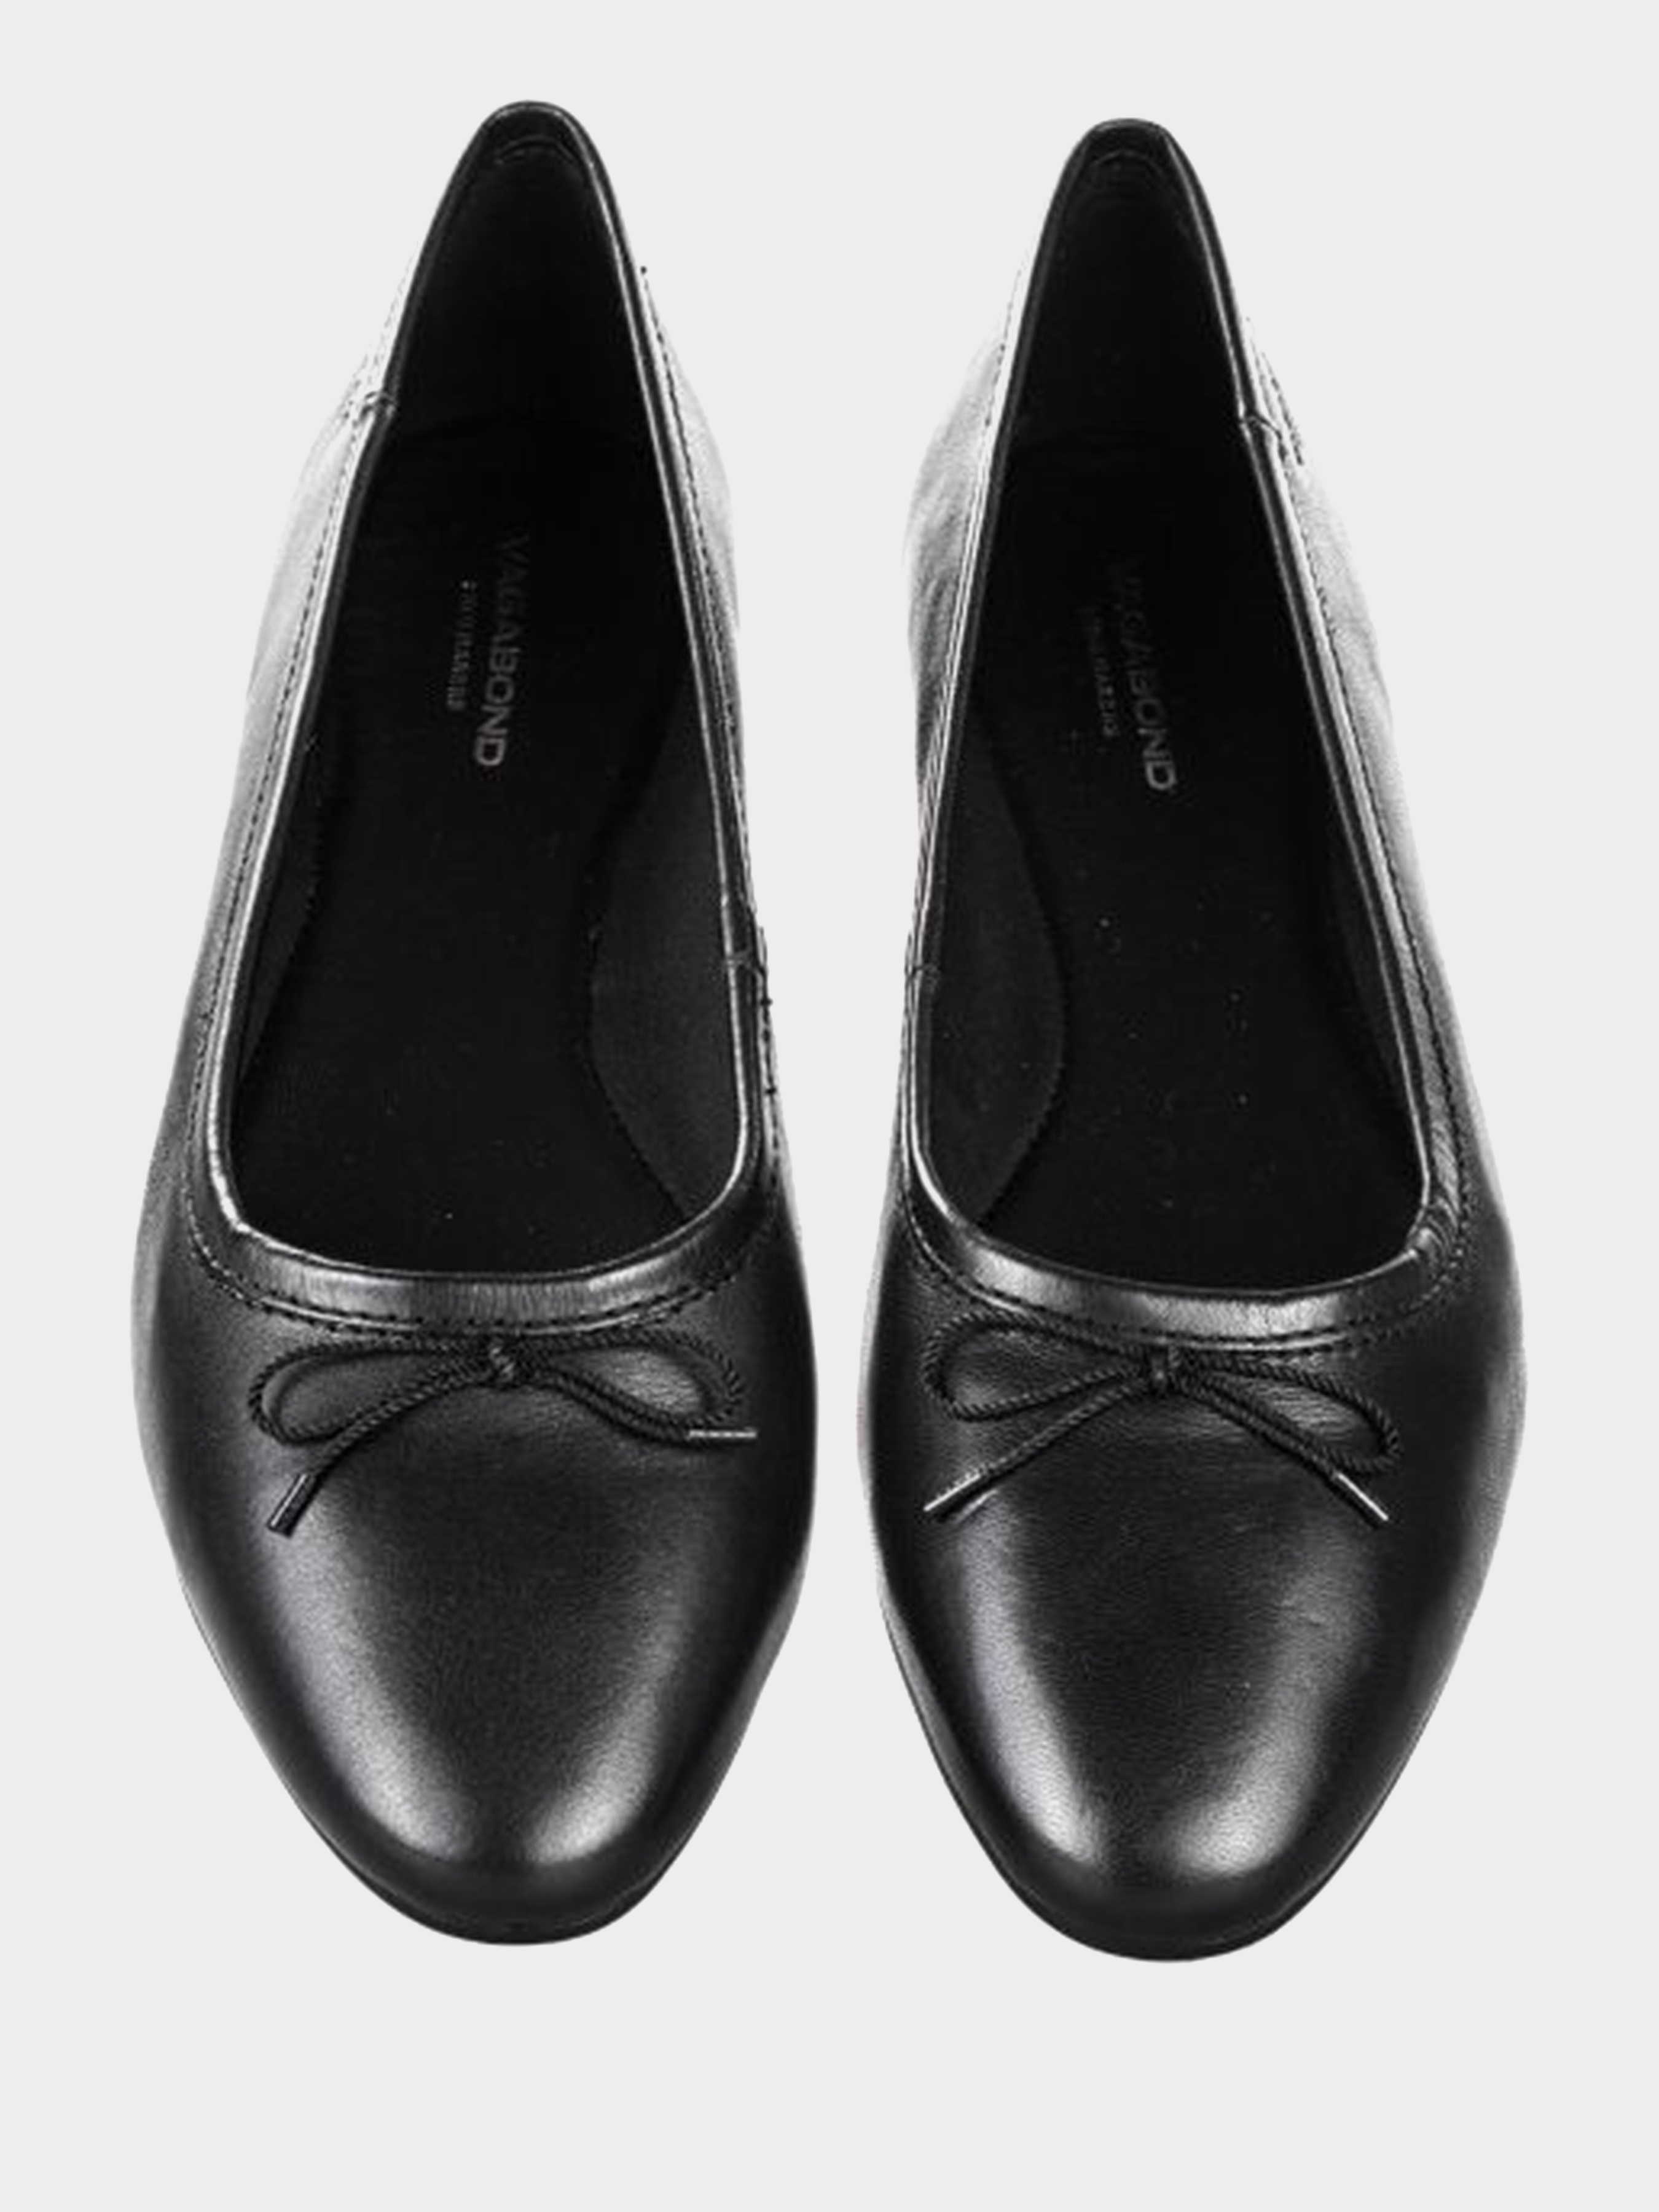 Балетки женские VAGABOND SANDY VW5491 купить обувь, 2017